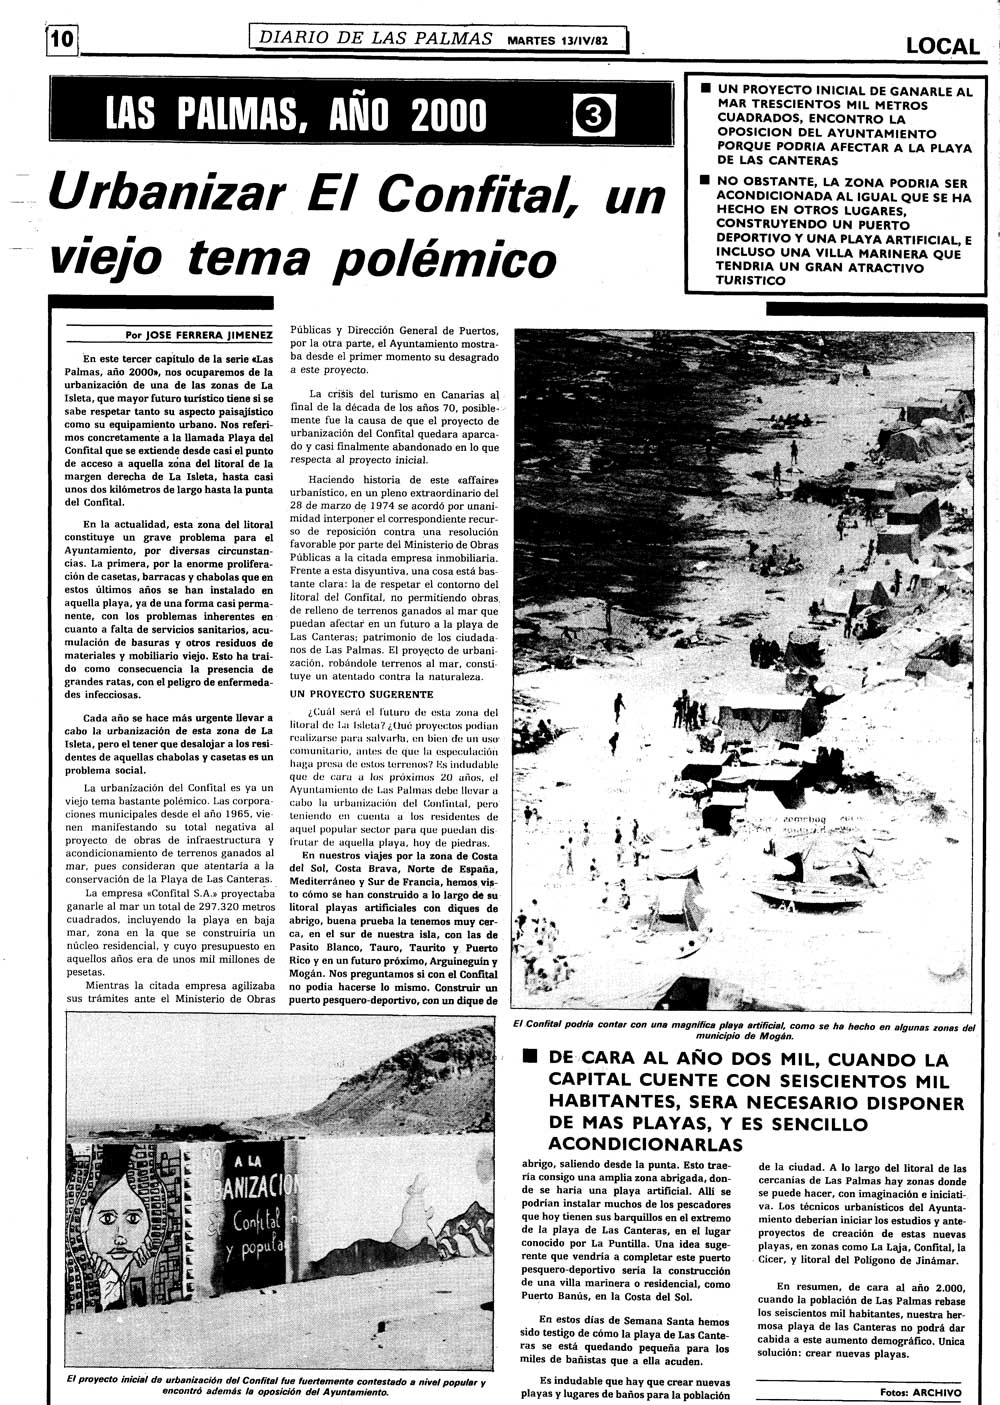 """La playa de Las Canteras en la hemeroteca """"Urbanizar El Confital, un viejo tema polémico"""""""